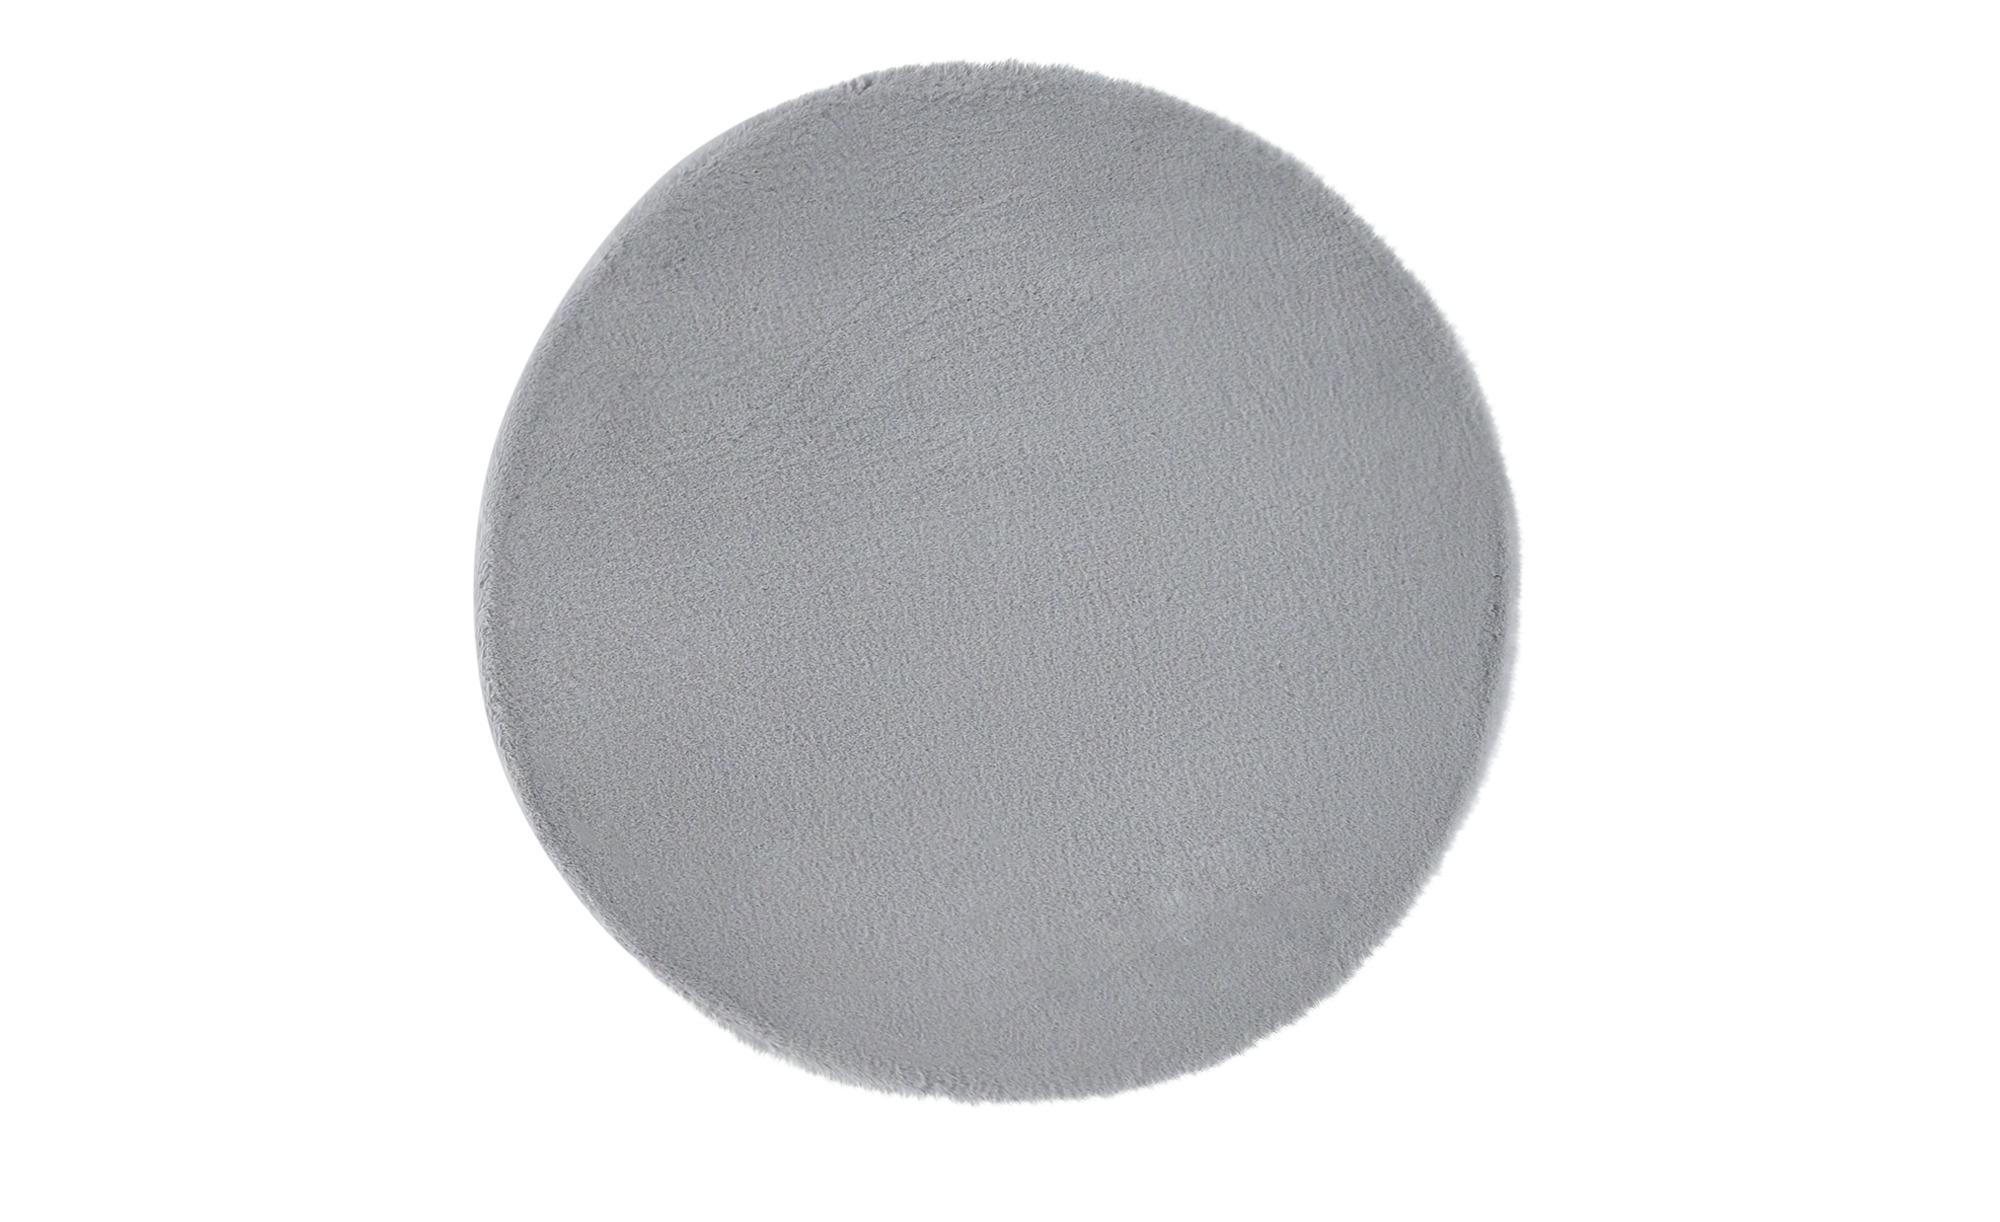 Tuft-Teppich  Plush ¦ grau ¦ 100% PolyesterØ: [120.0] Teppiche > Auslegware - Höffner